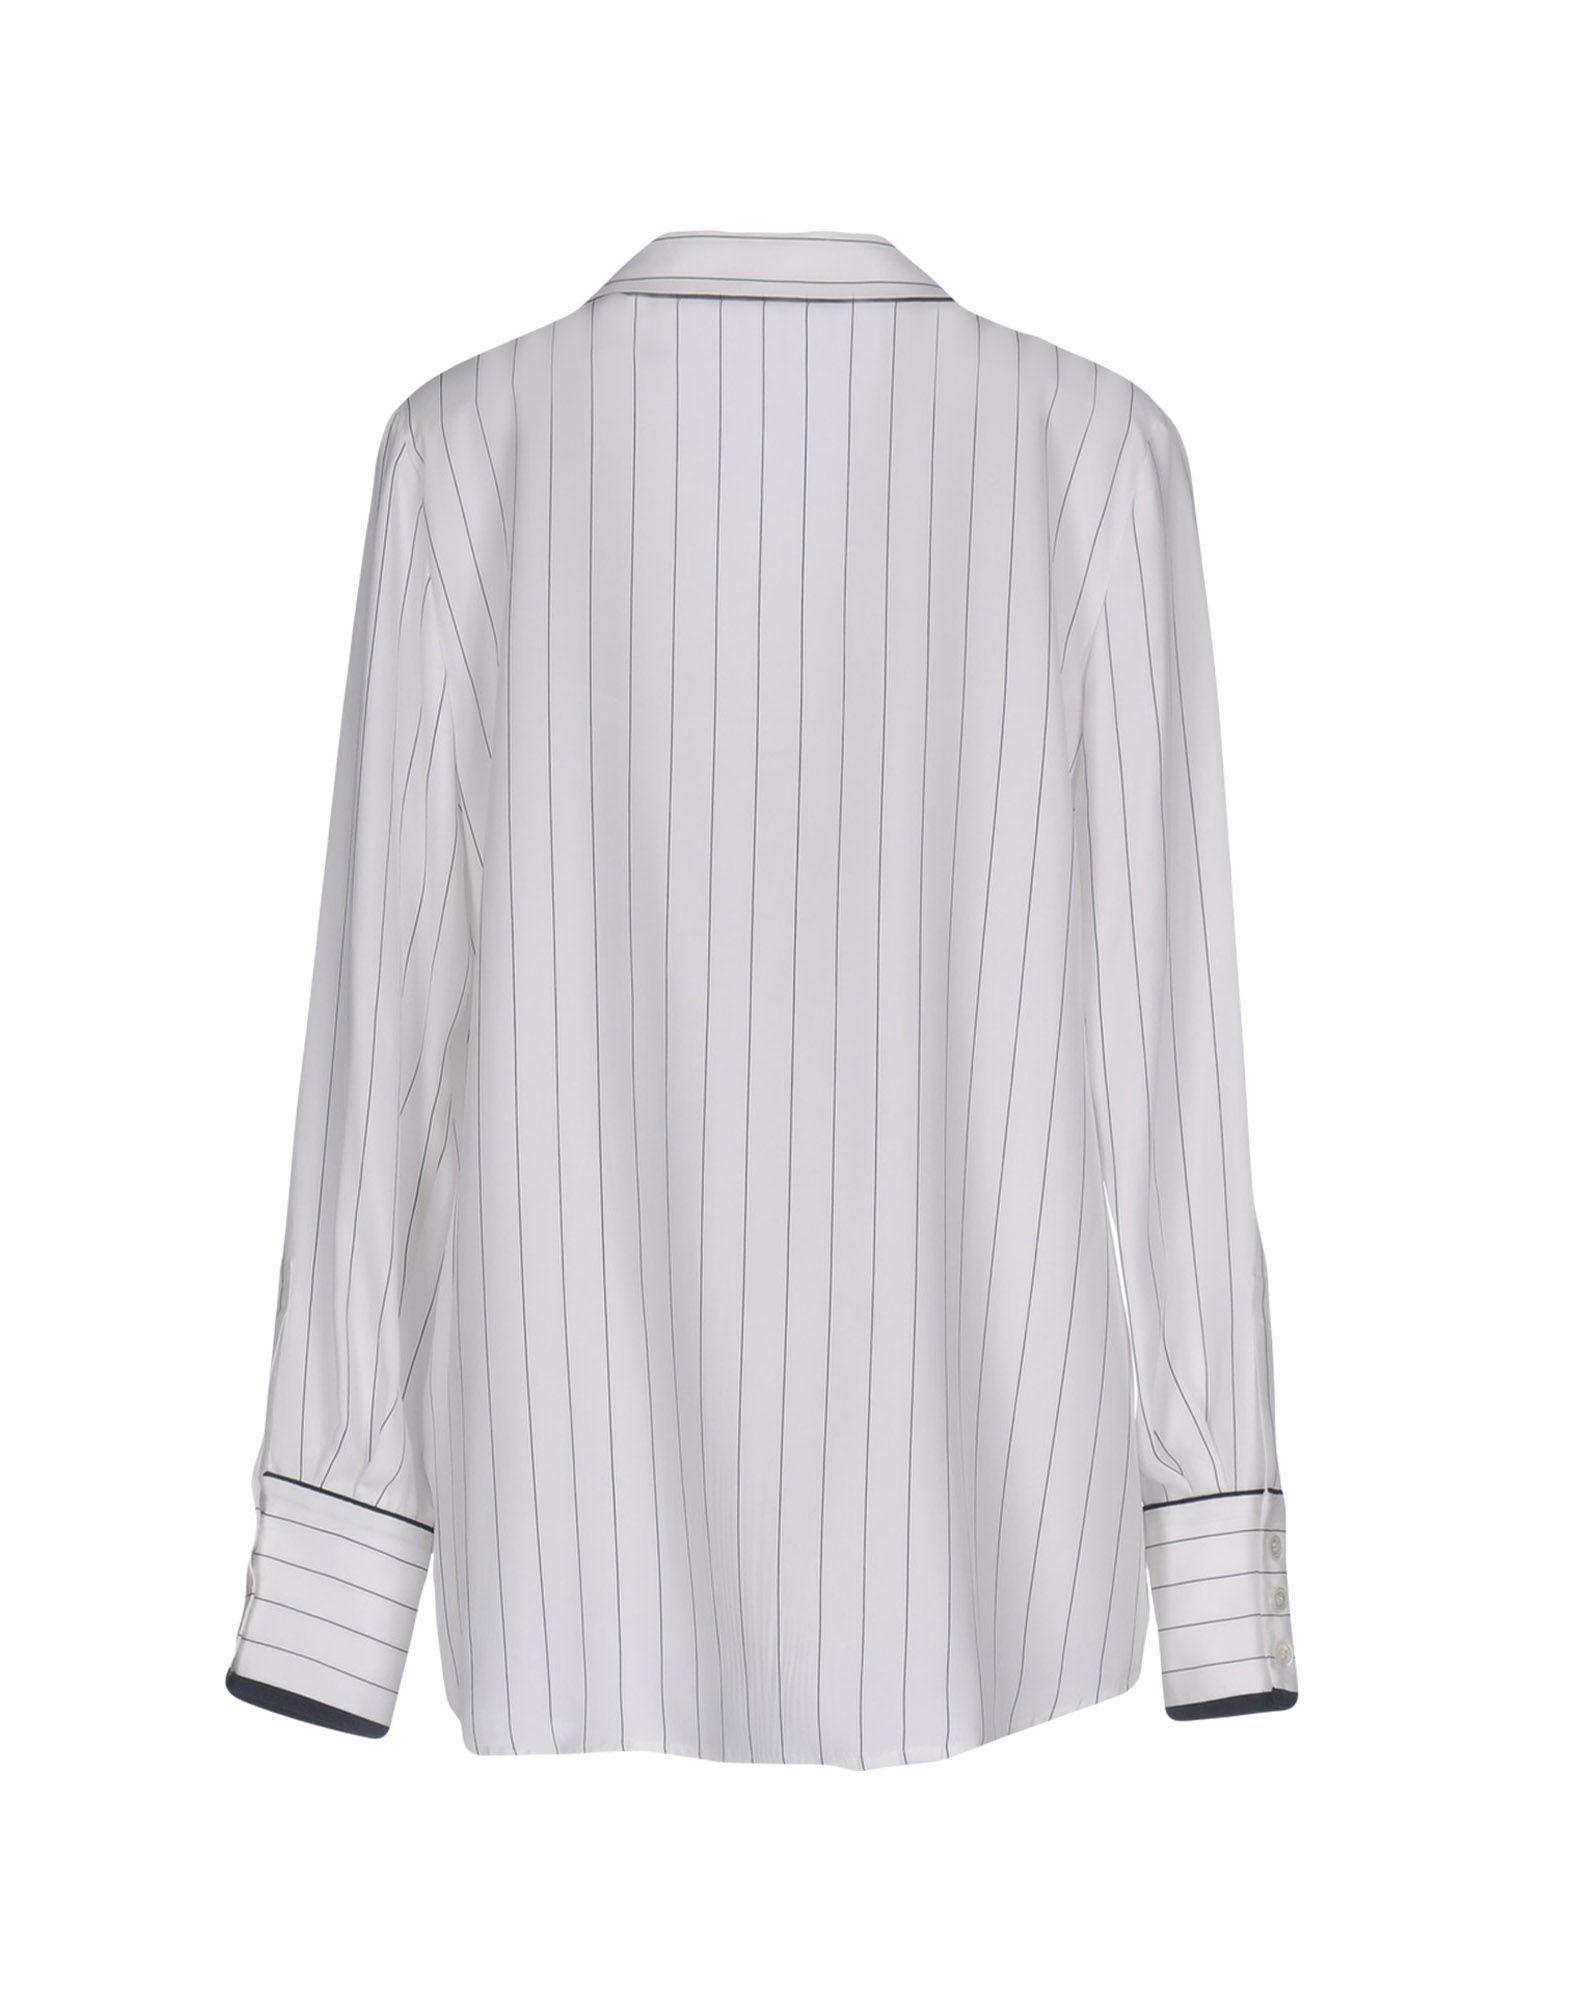 Lyst - Frame Shirt in White